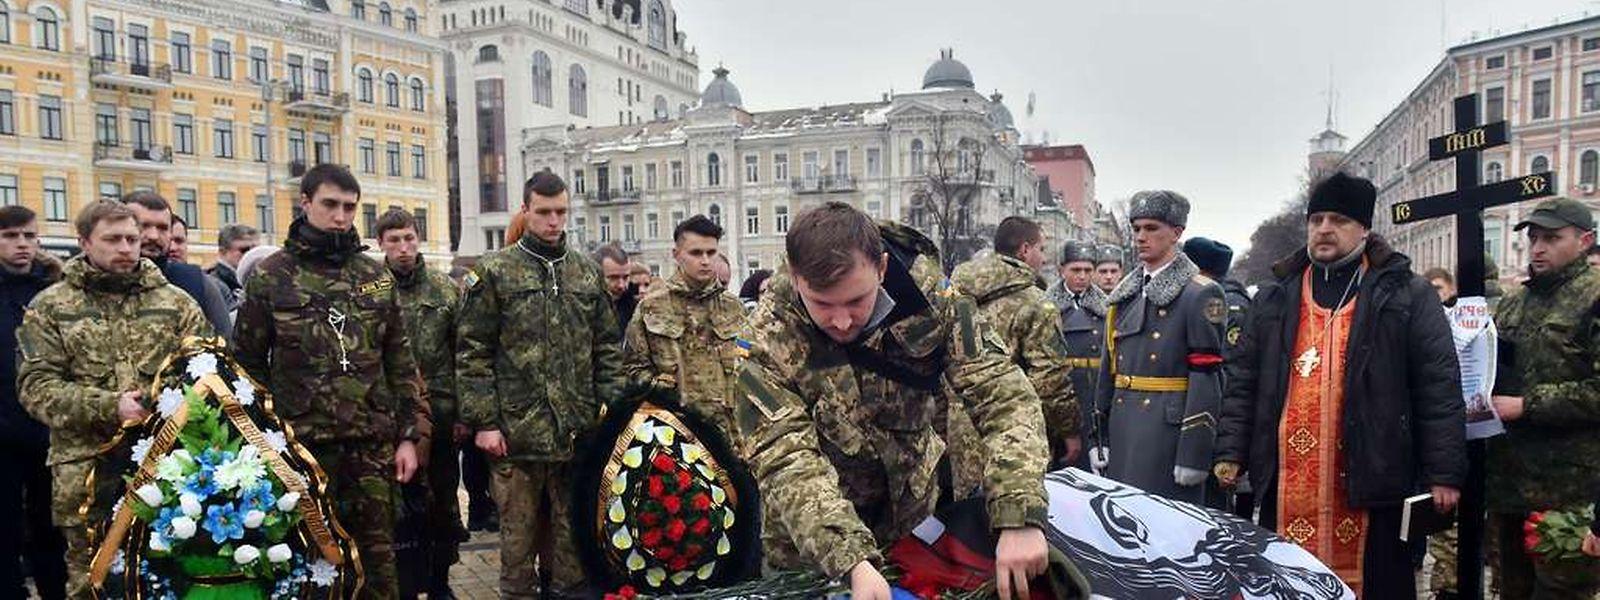 Noch während der Friedensverhandlungen wurden in den Kriegsgebieten ukrainische Soldaten getötet.